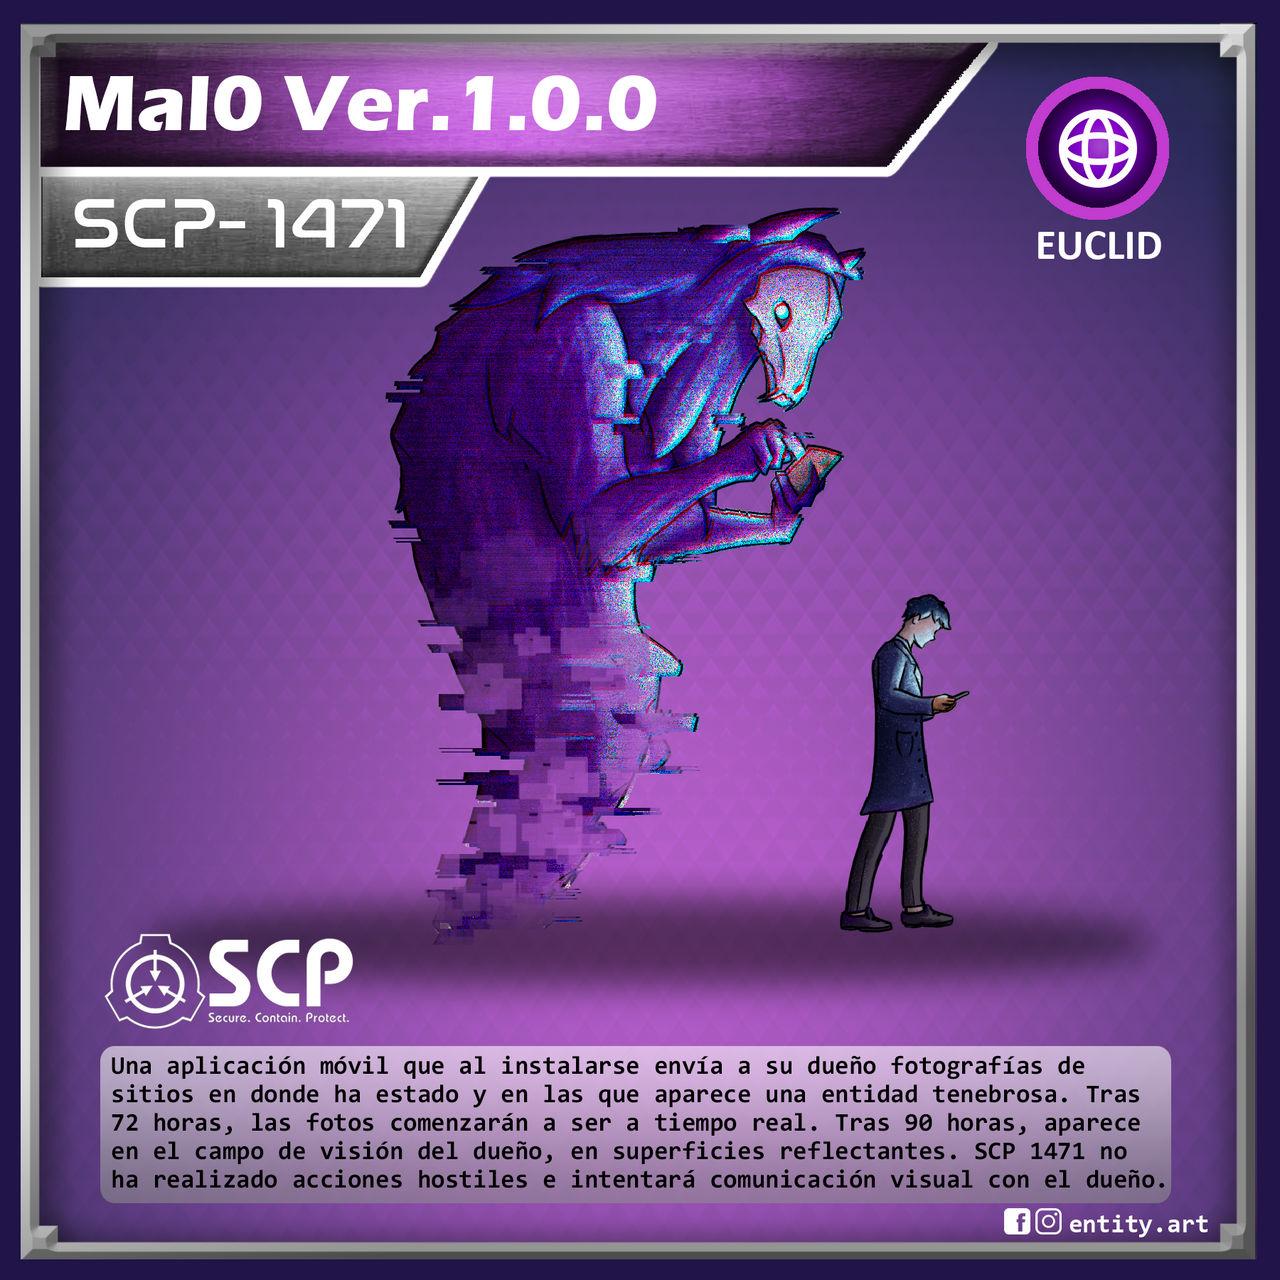 scp_1471_by_vinevin_de7yagh-fullview.jpg?token=eyJ0eXAiOiJKV1QiLCJhbGciOiJIUzI1NiJ9.eyJzdWIiOiJ1cm46YXBwOiIsImlzcyI6InVybjphcHA6Iiwib2JqIjpbW3siaGVpZ2h0IjoiPD0xMjgwIiwicGF0aCI6IlwvZlwvNDhmZWZhNTMtZjI5MC00NTBmLWFhYjItYWIxYWE0YTE1M2ExXC9kZTd5YWdoLWI2MmJjMjg0LTI0YmEtNGFjMS05YmU3LTJkZjE1MGQ1OGNiMS5wbmciLCJ3aWR0aCI6Ijw9MTI4MCJ9XV0sImF1ZCI6WyJ1cm46c2VydmljZTppbWFnZS5vcGVyYXRpb25zIl19.M7pv1IzAsOQ2EPeRK2yAJNThPp-B0LgegChx_cmvryI